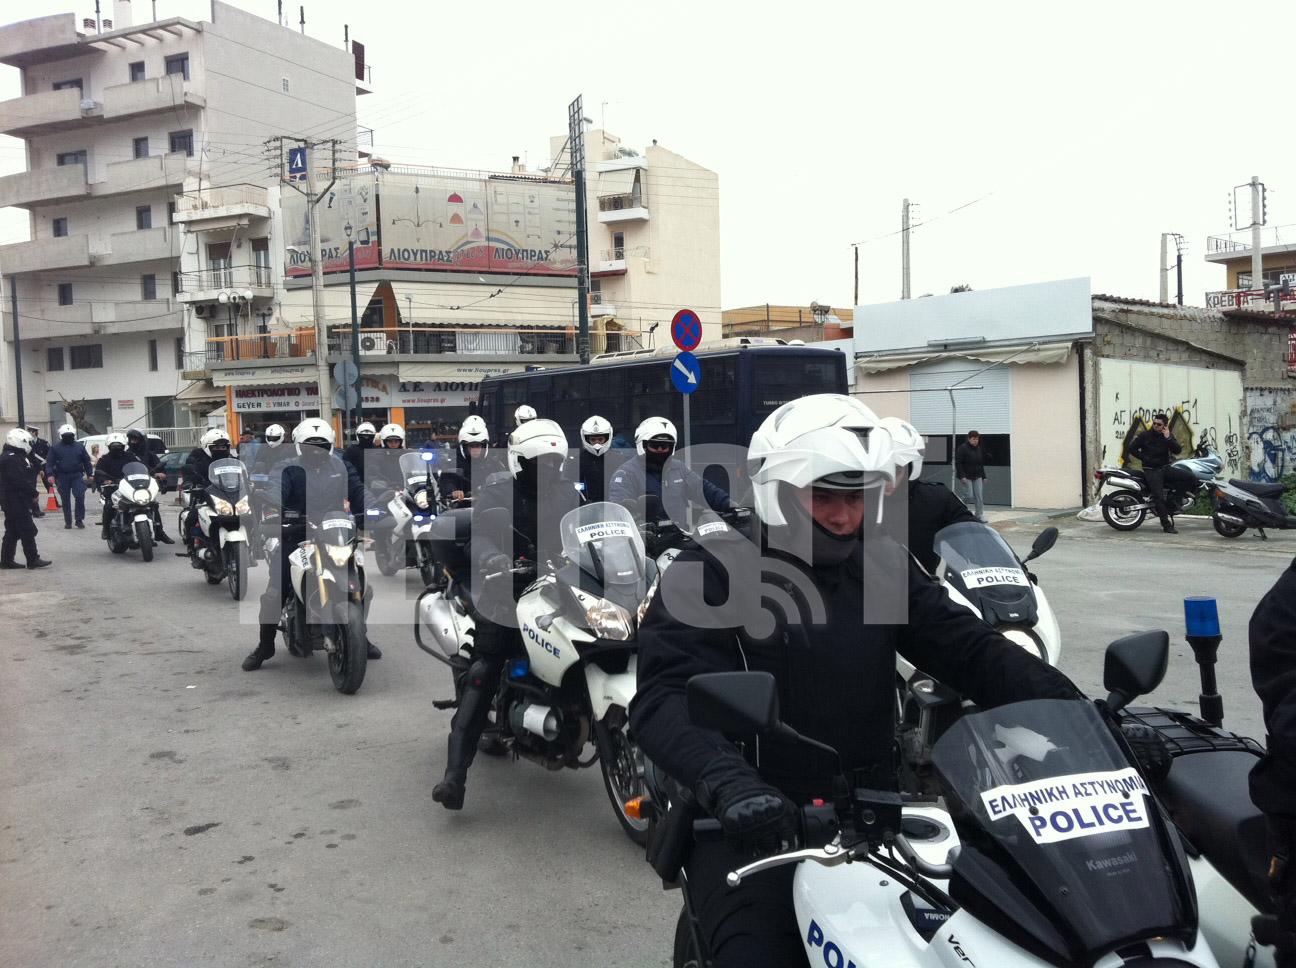 Μελη της ομάδας ΔΙΑΣ φτάνουν στο νεκροταφείο ΦΩΤΟ NEWSIT